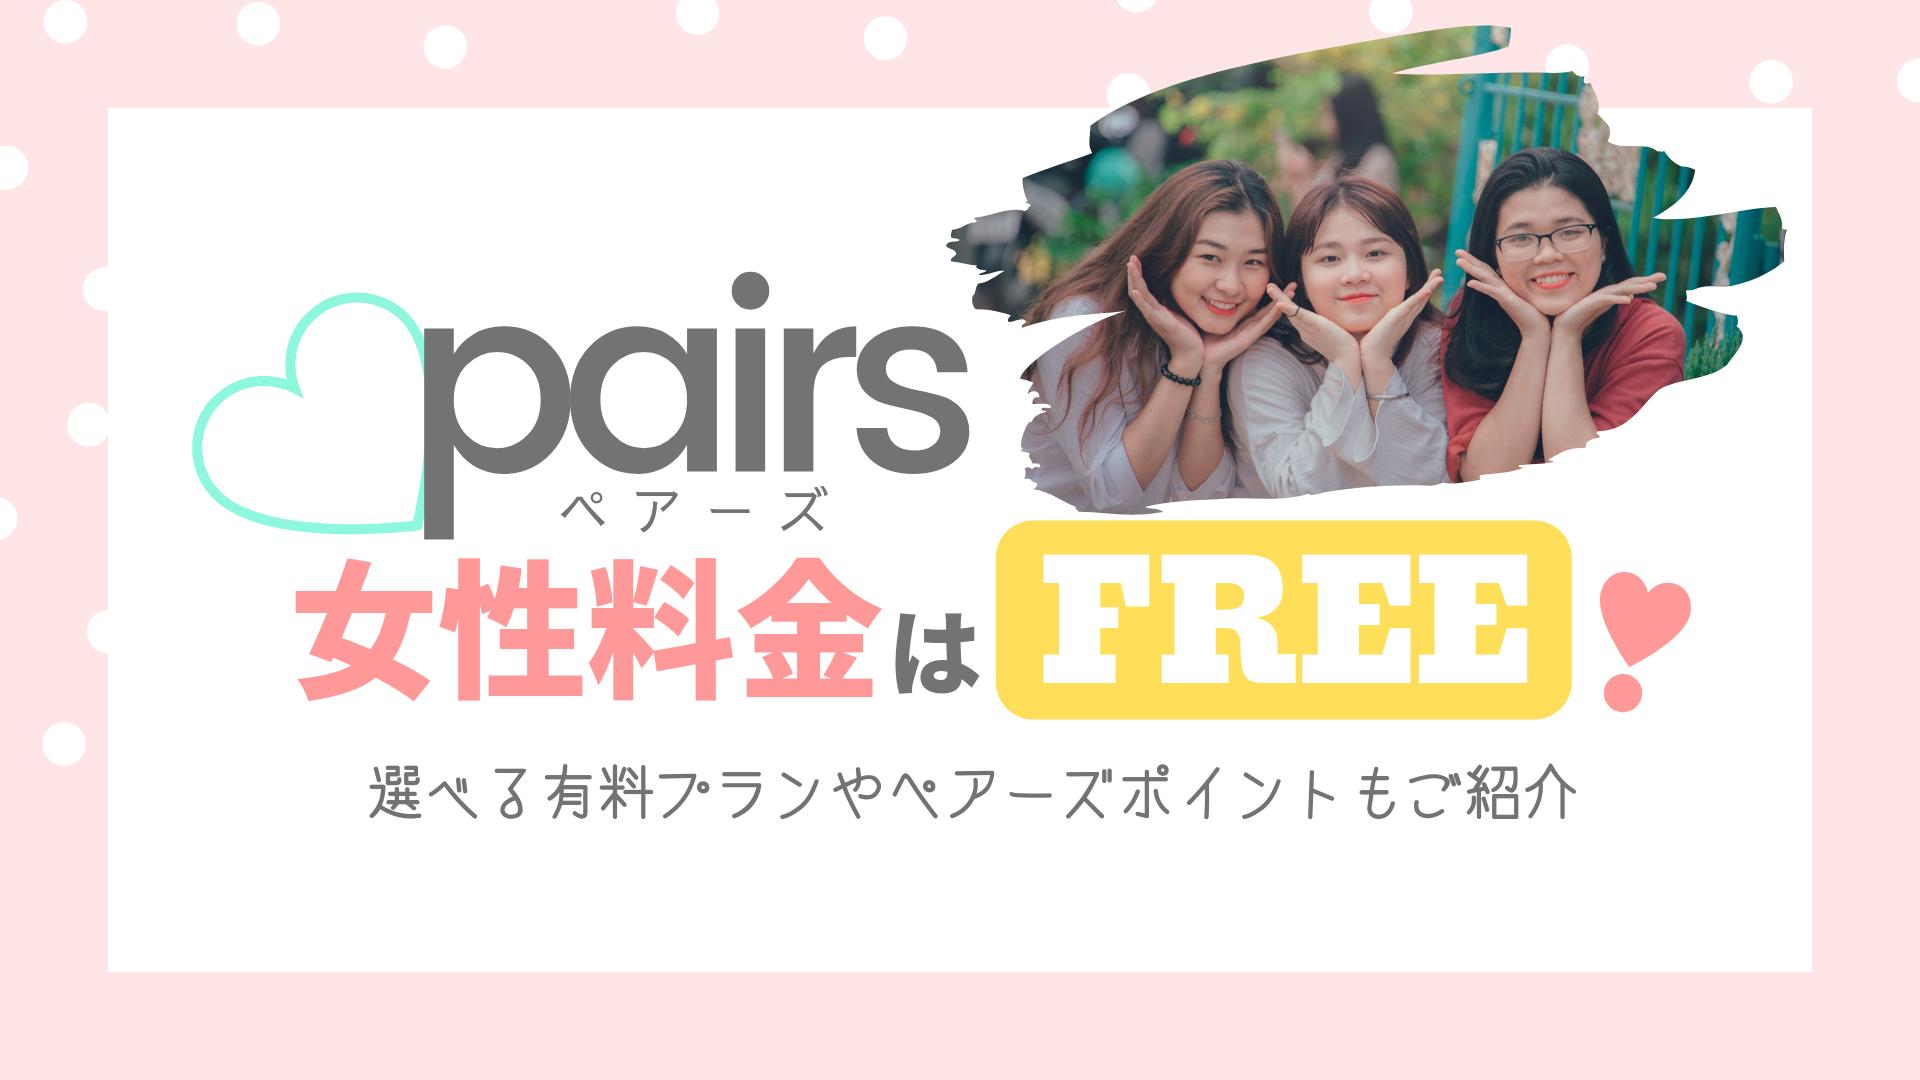 Pairs(ペアーズ)の女性料金は完全無料!選べる有料プランやペアーズポイントもご紹介